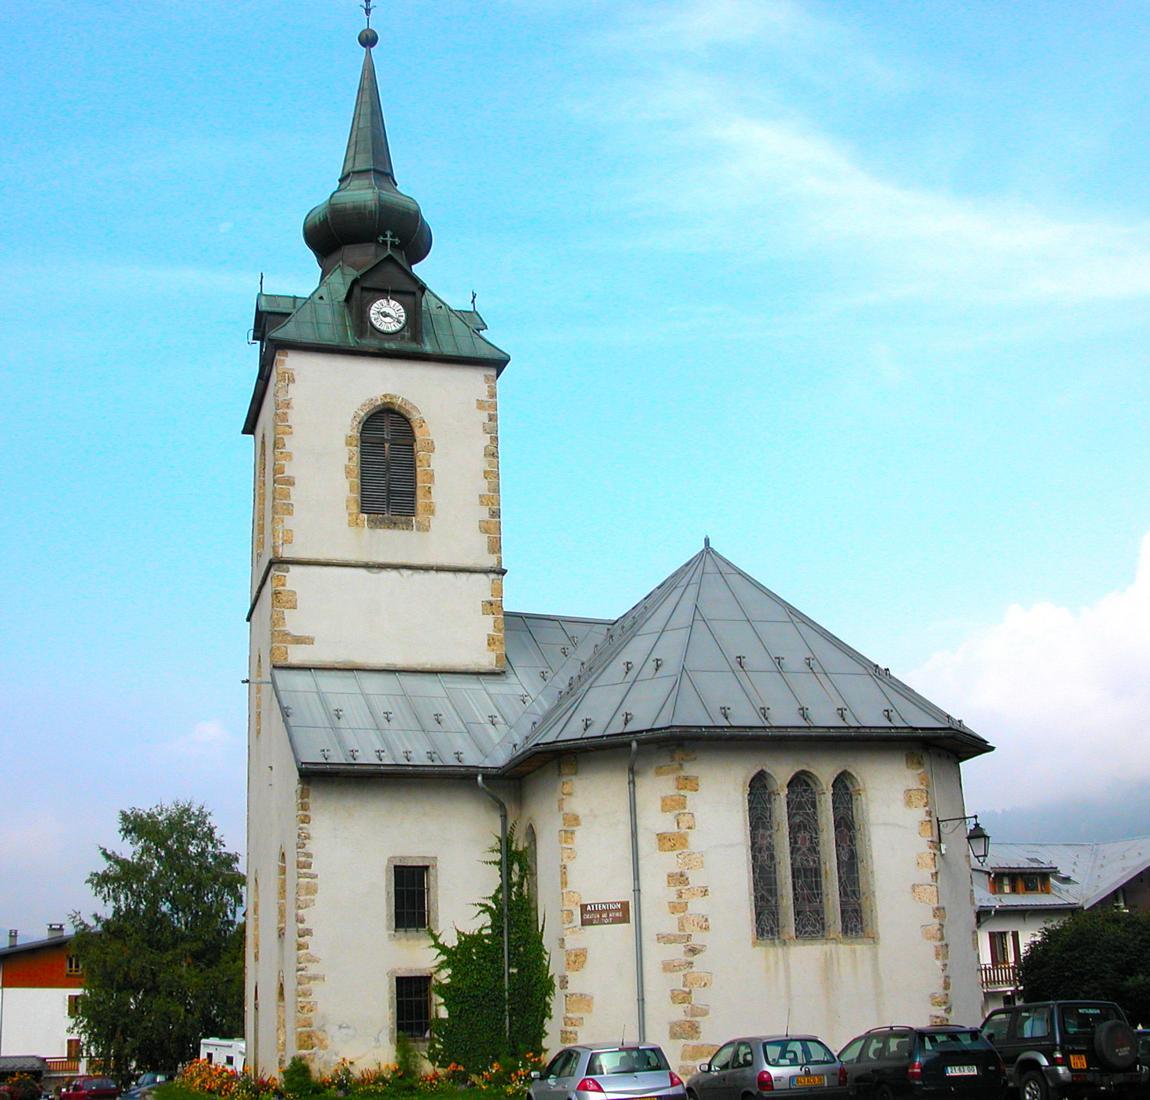 Eglise de notre dame de bellecombe savoie mont blanc - Office tourisme notre dame de bellecombe ...